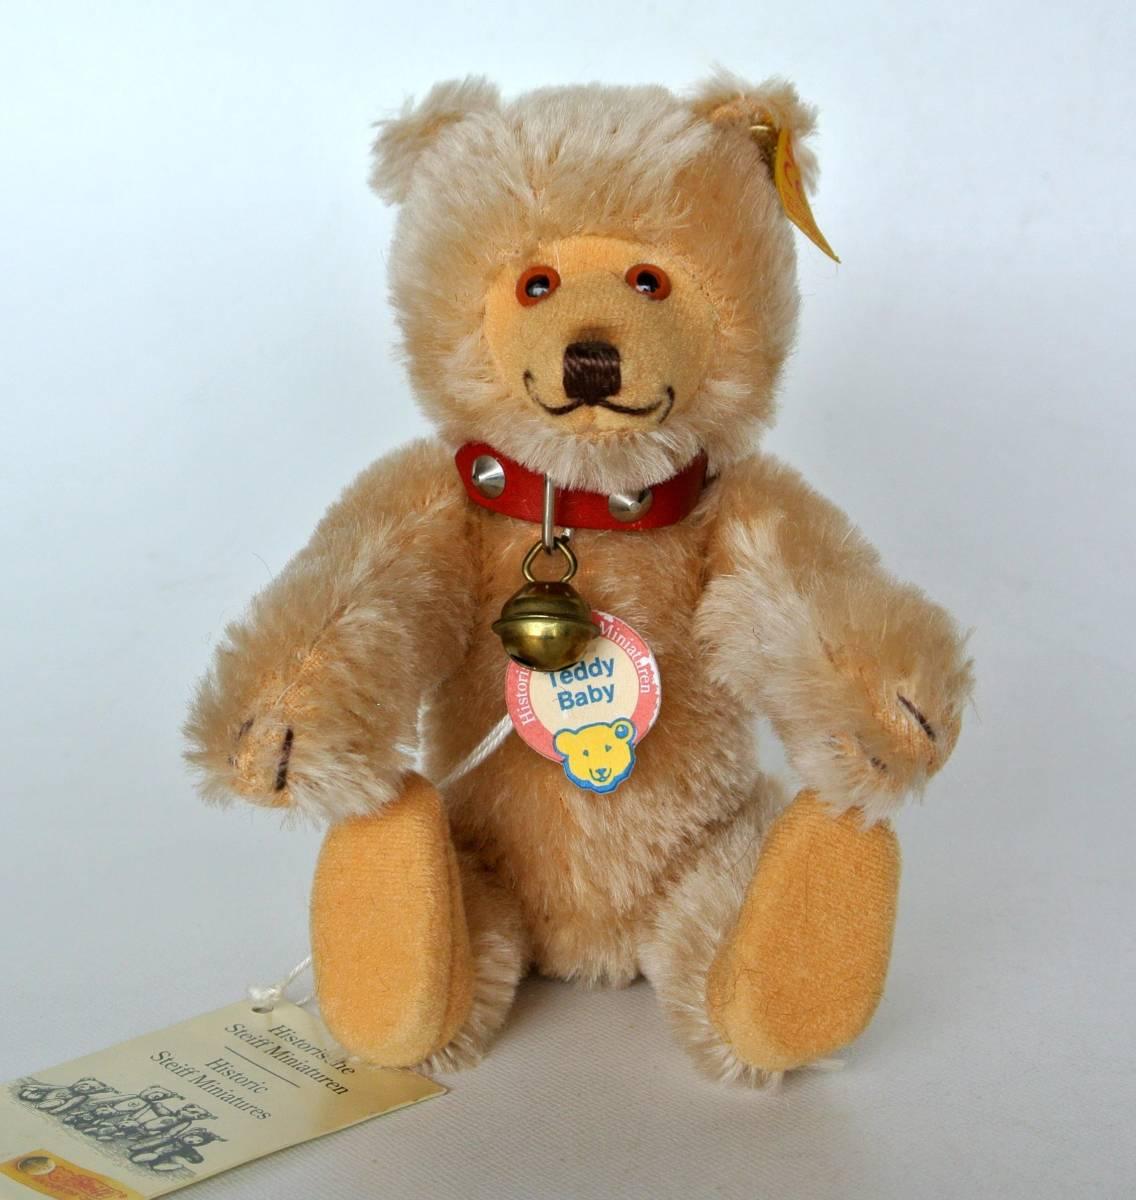 シュタイフ  1992~1998年 ヒストリック ミニチュア Teddy Baby 16cm